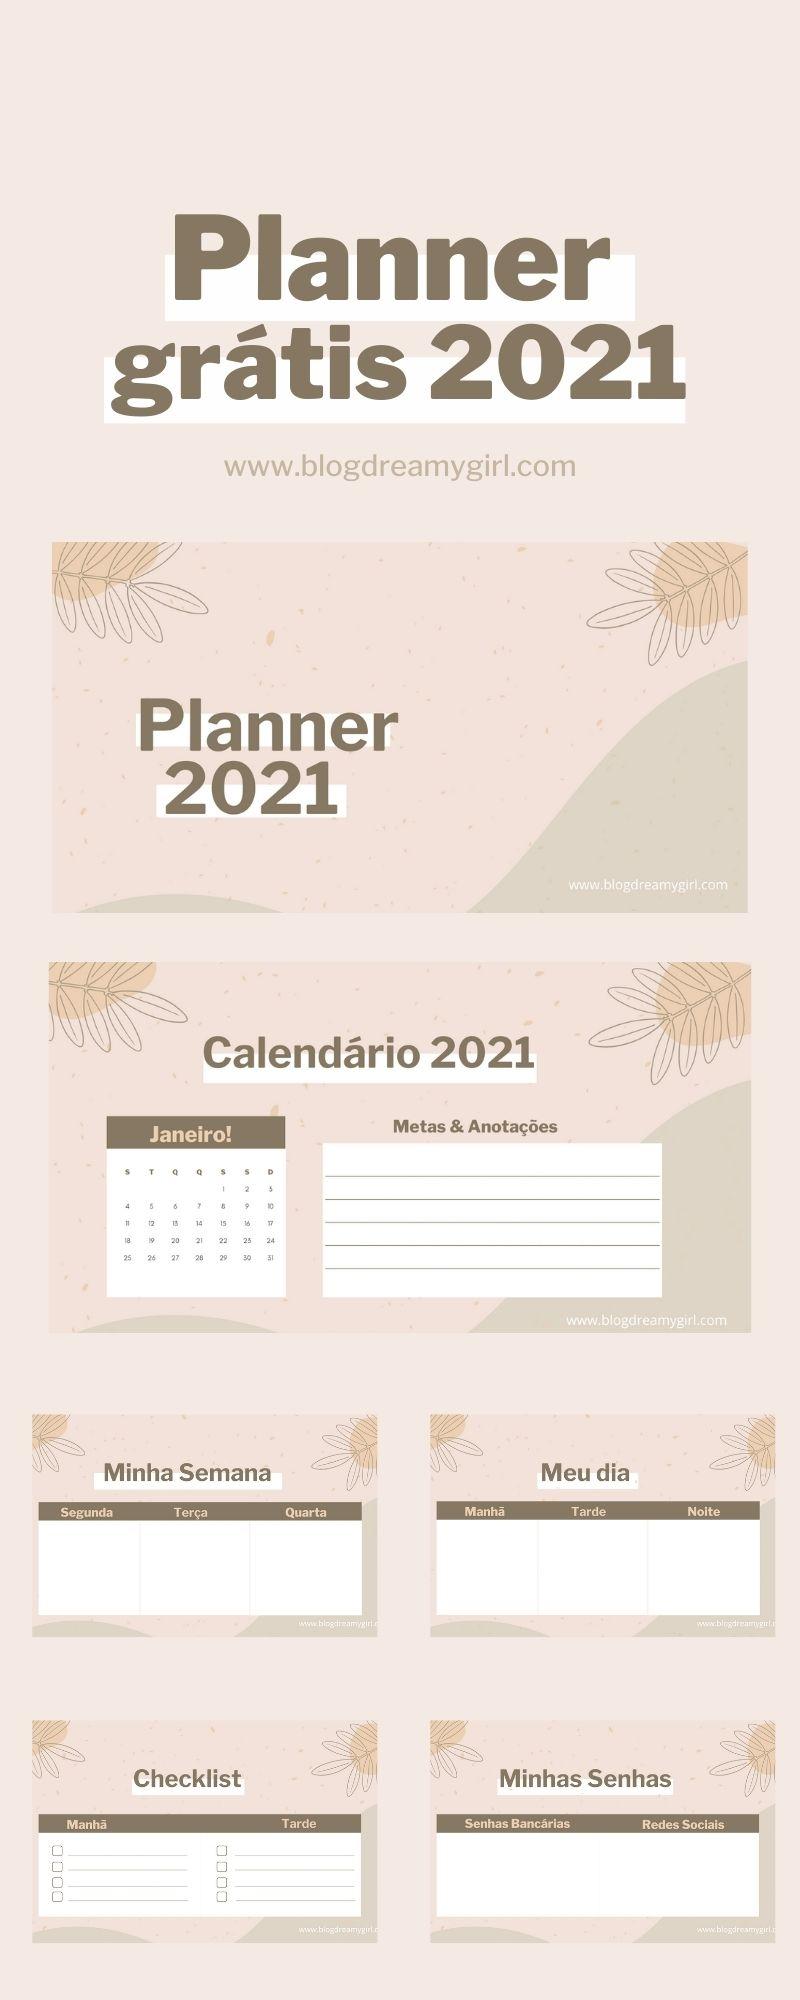 Planner Gratuito 2021